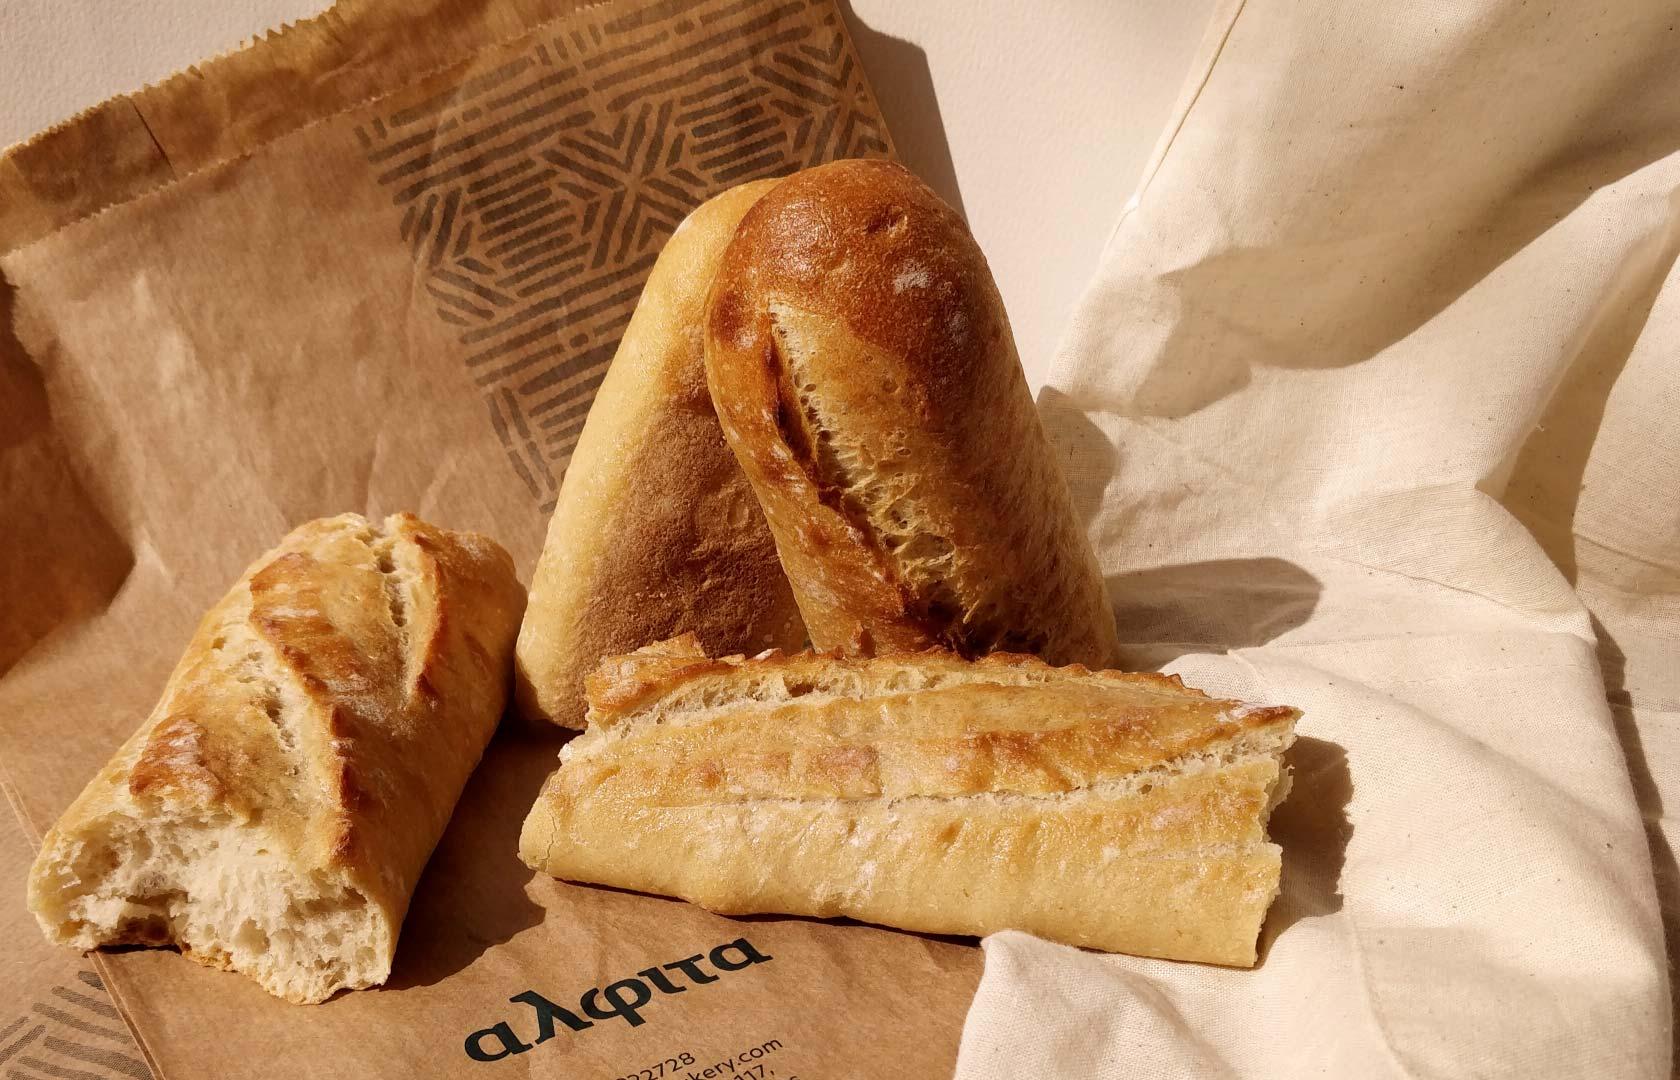 alfita bakery